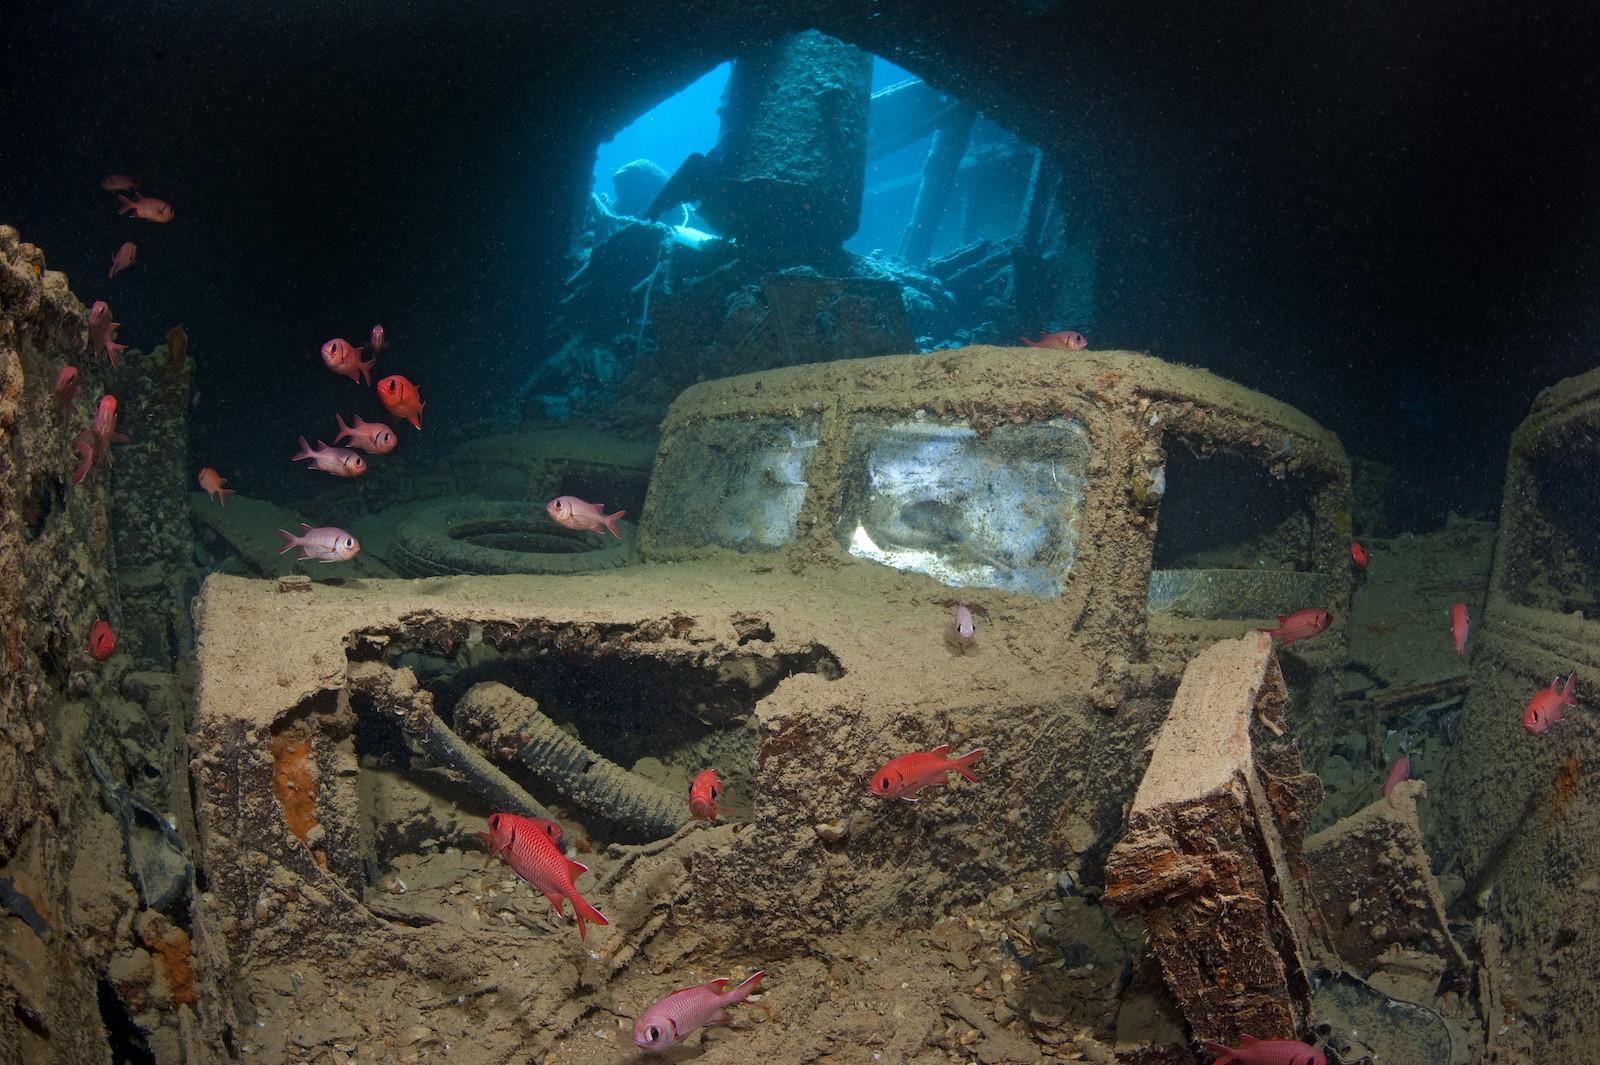 Интересные виды которые можно встретить под водой